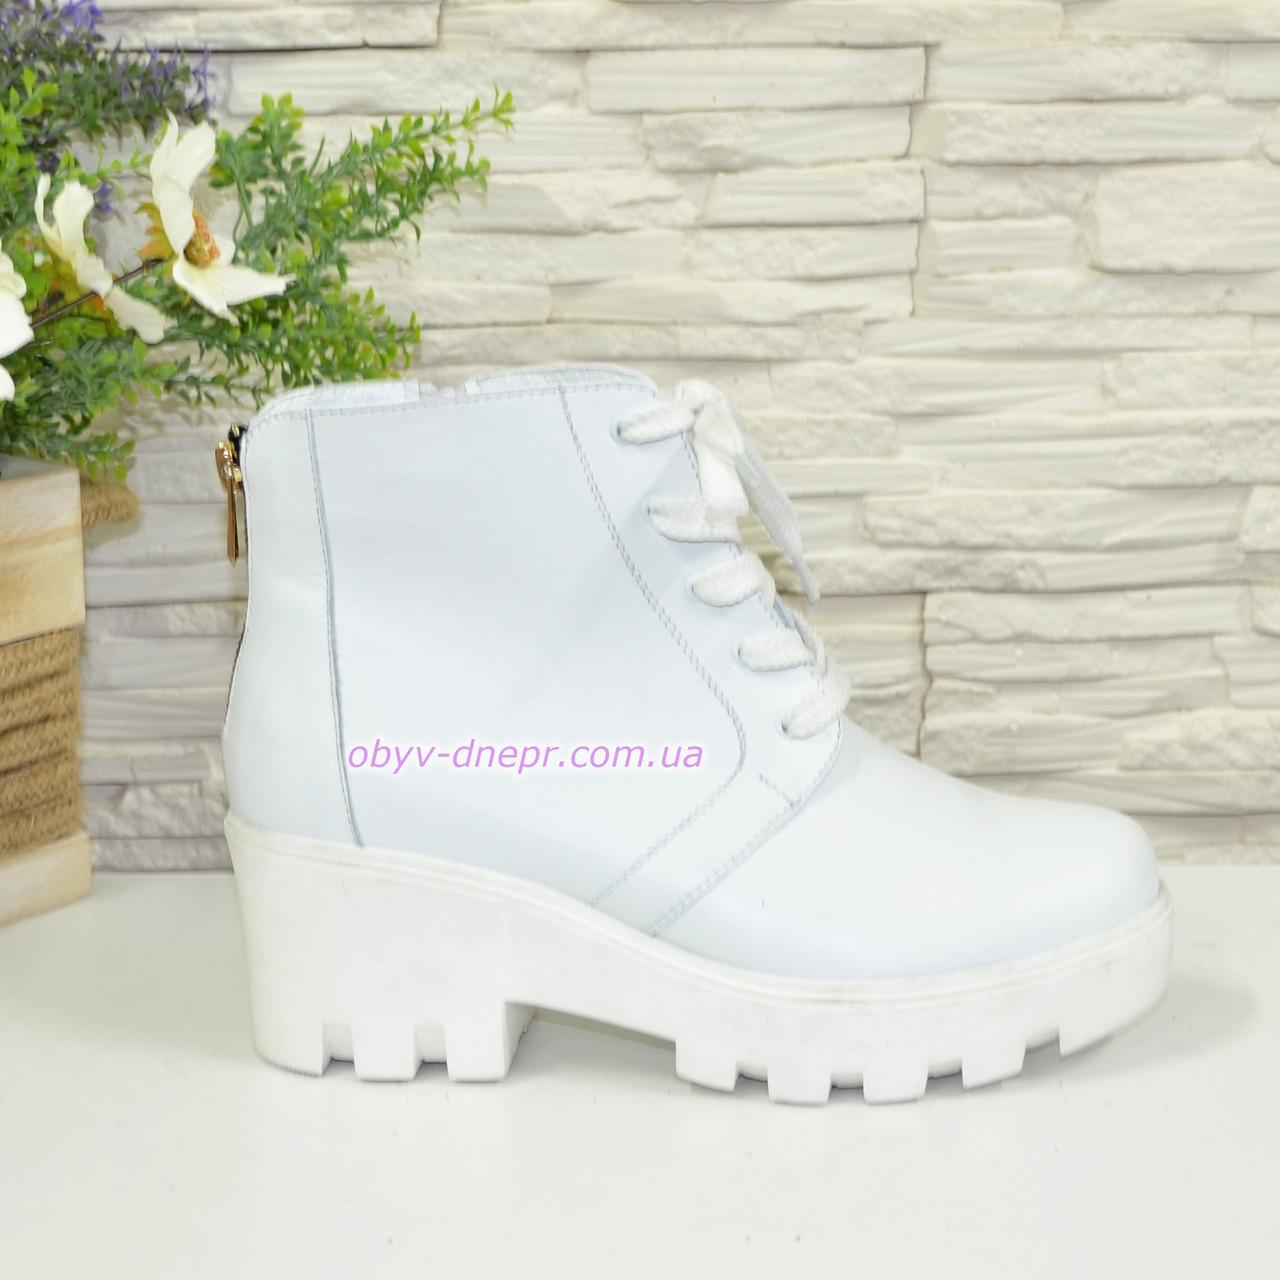 Ботинки женские демисезонные кожаные на шнуровке, белый цвет., фото 1